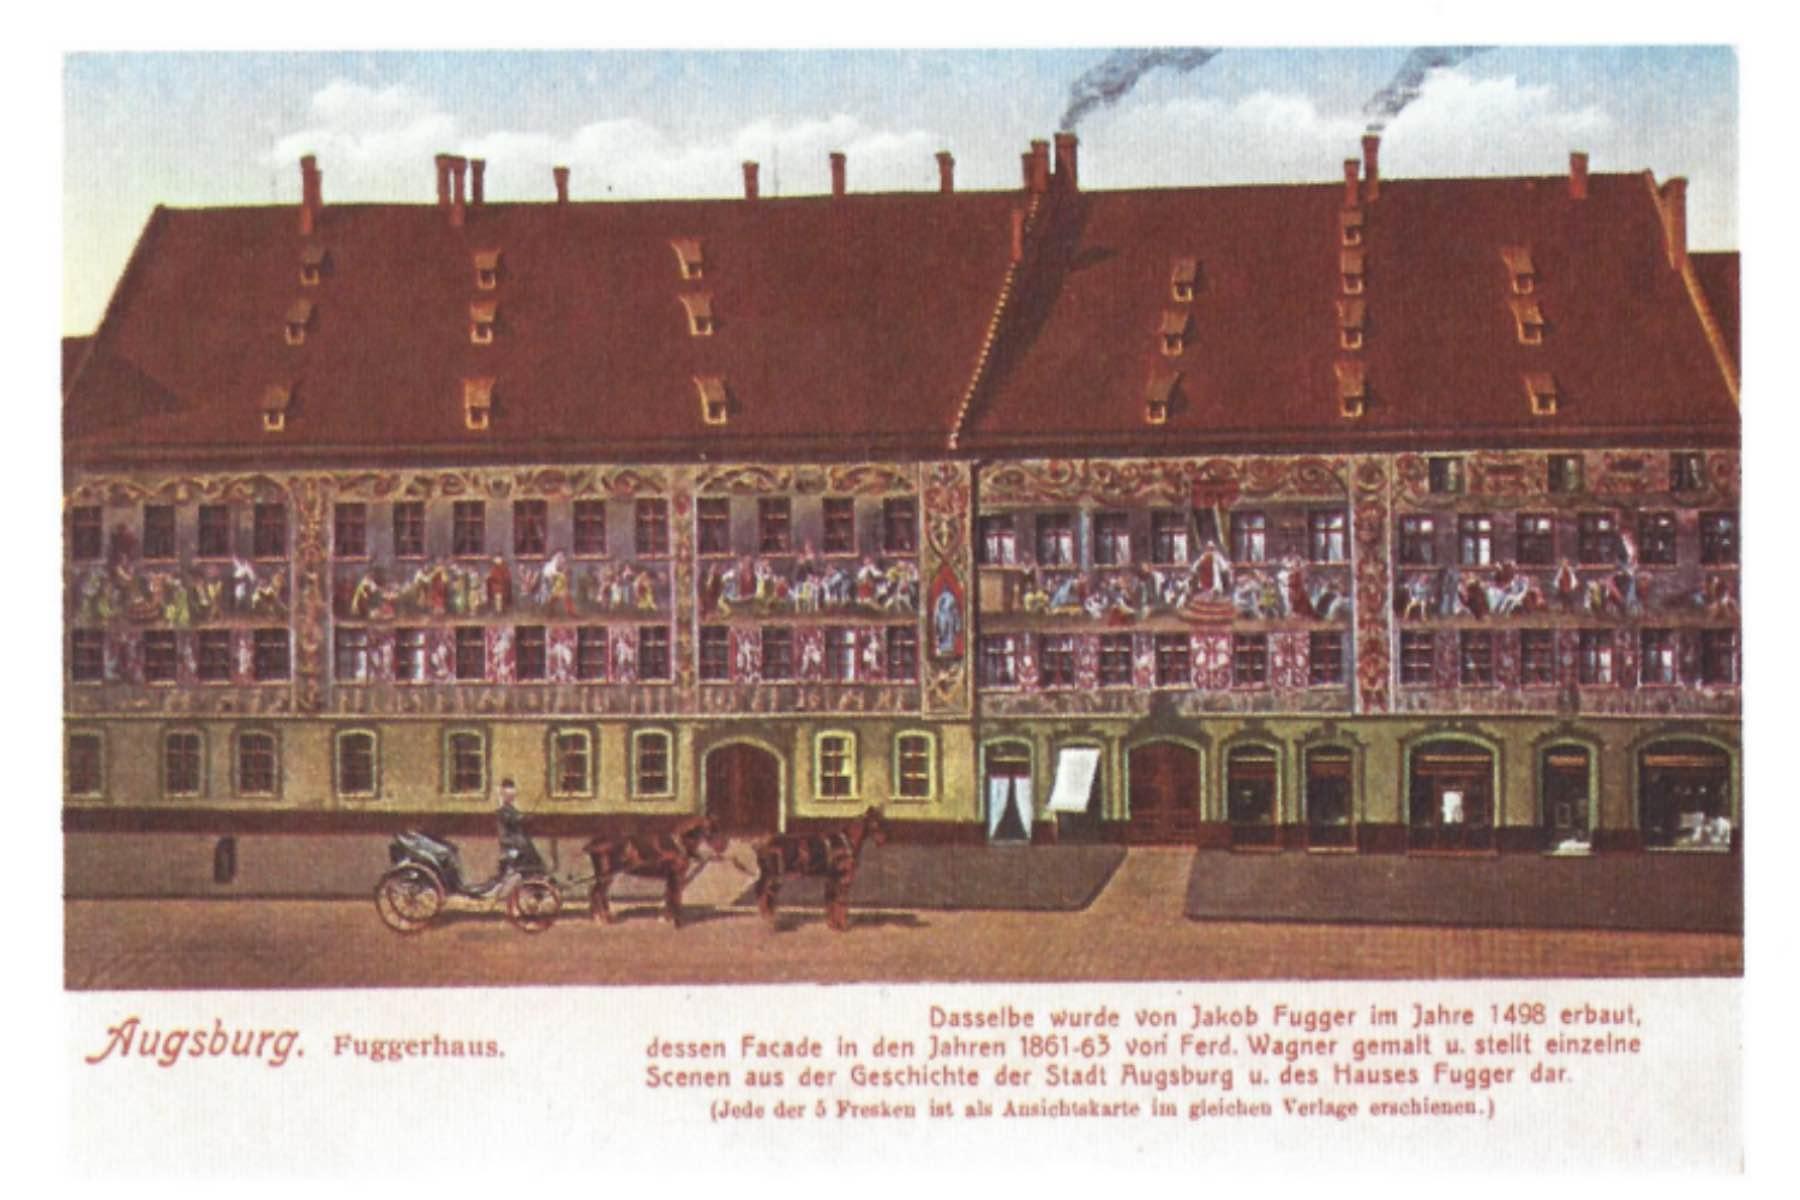 geheimtipp Augsburg függerhaus – ©Privatsammlung: Gregor Nagler